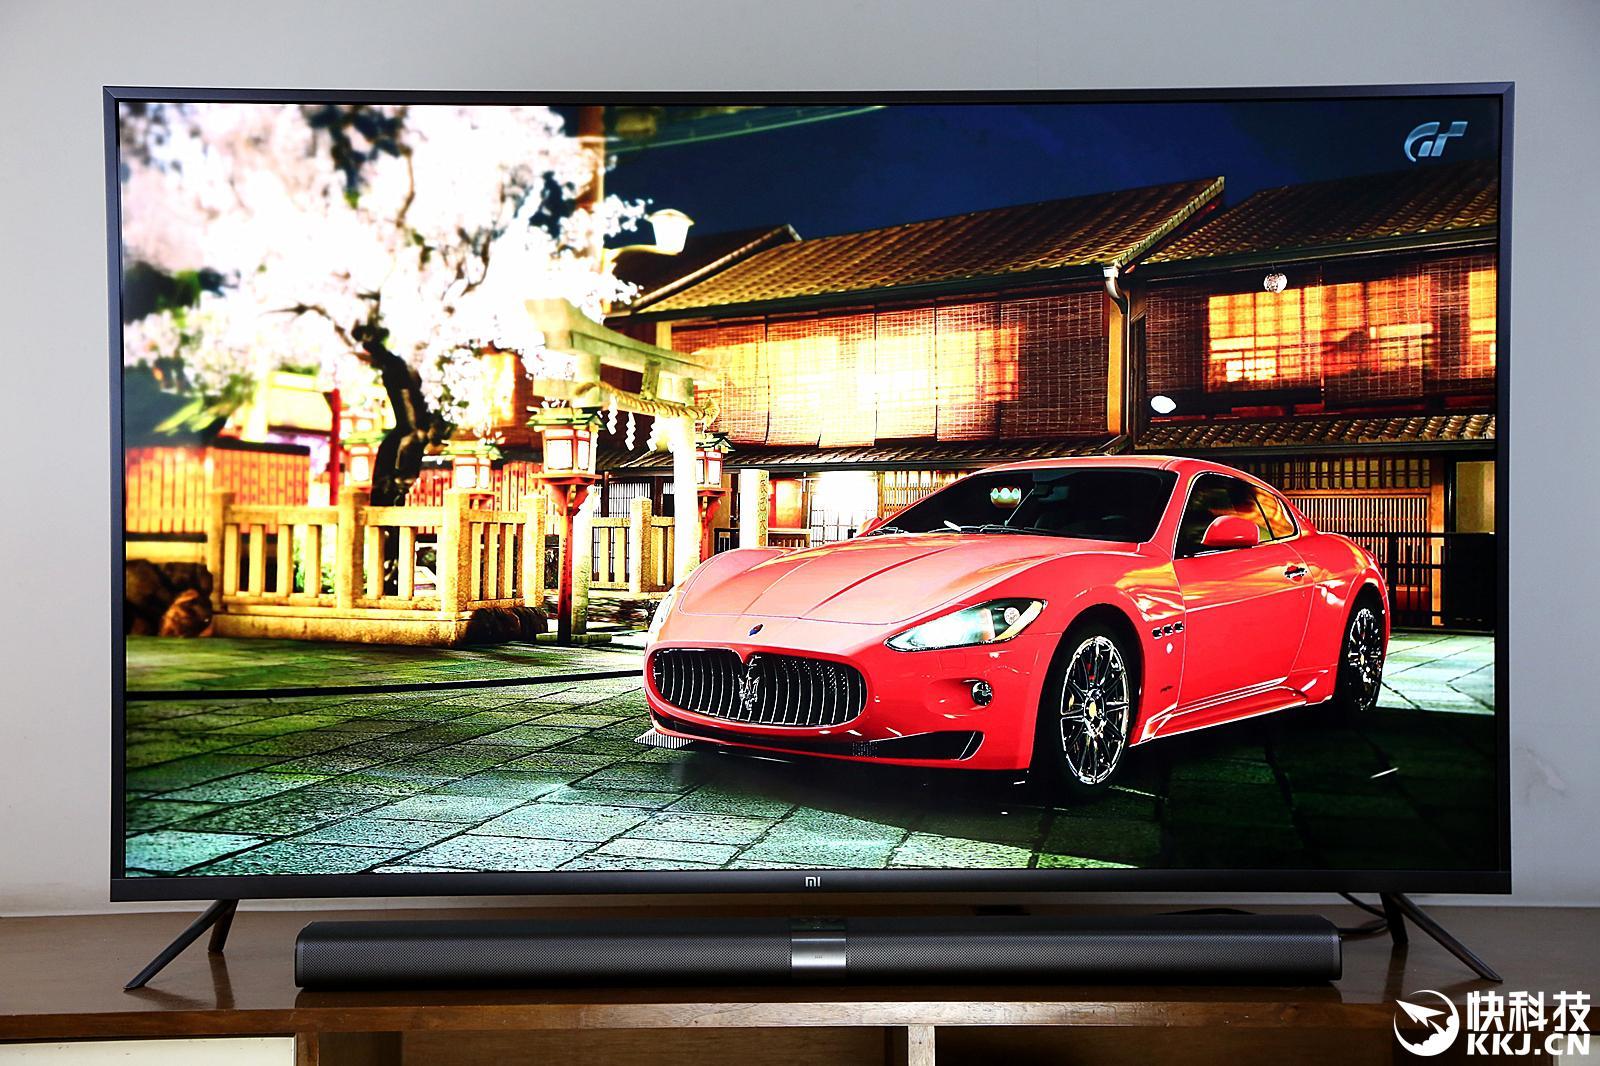 60寸小米电视3评测 整体布局更为简洁